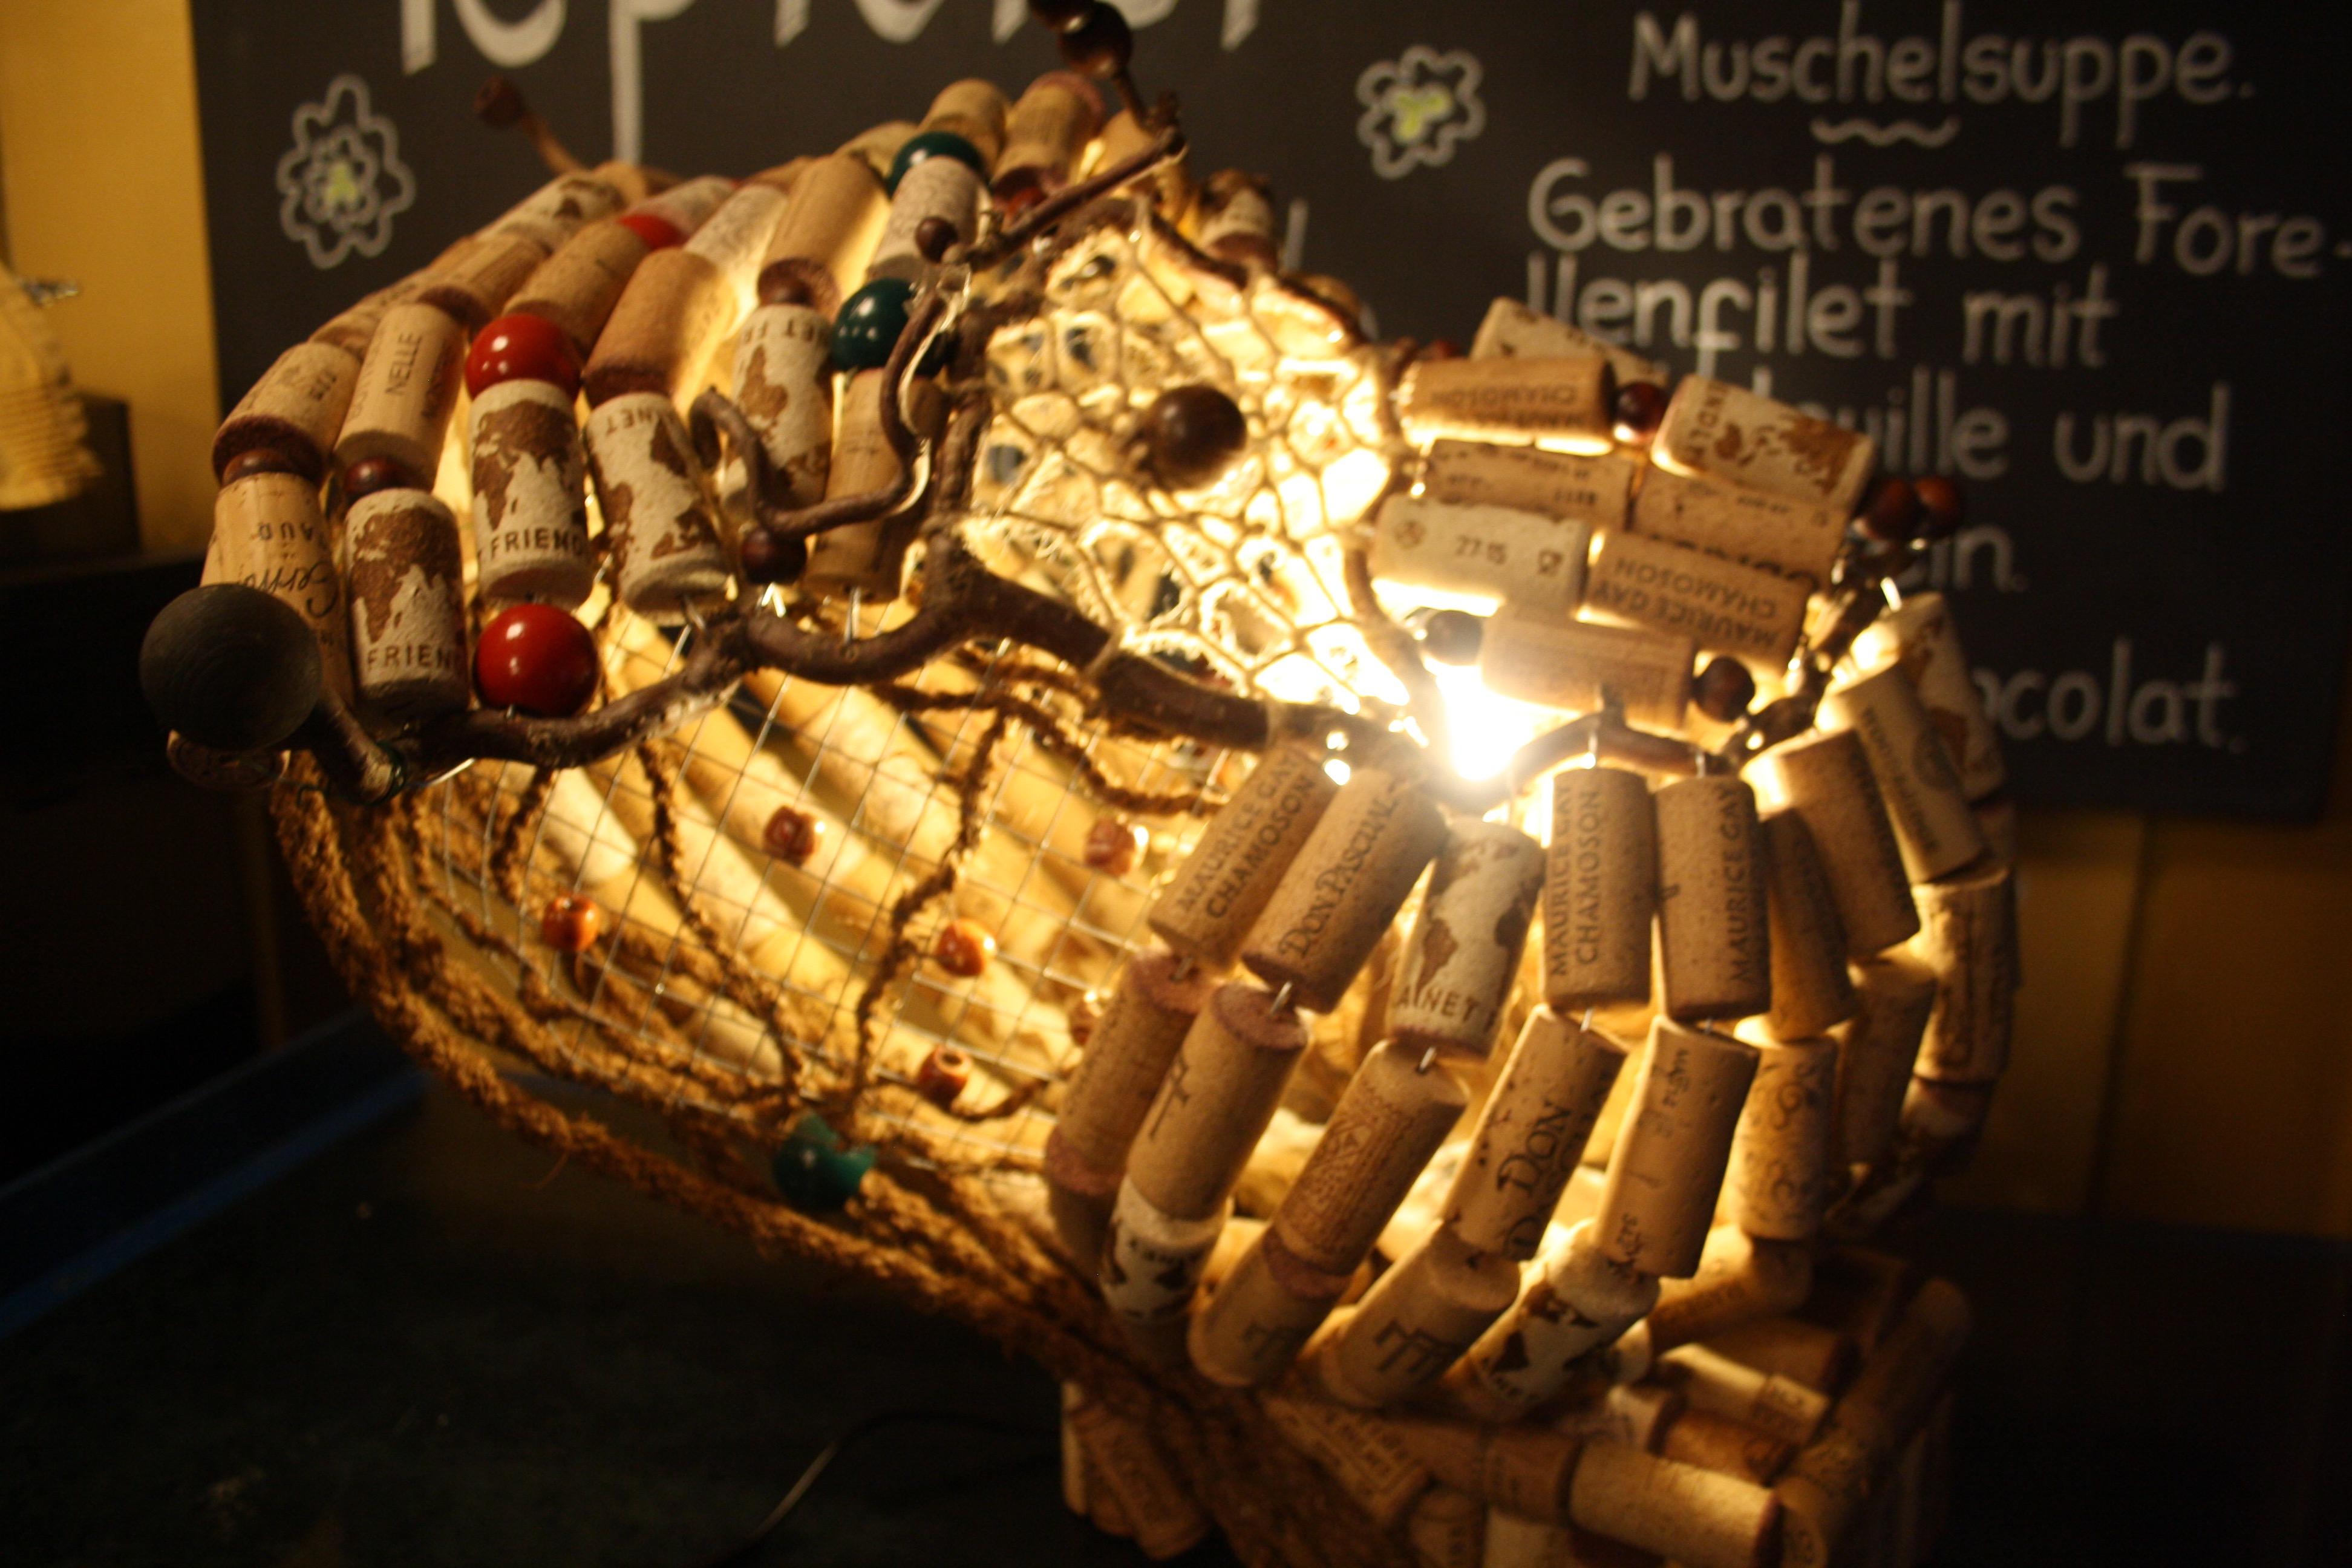 Das Leuchtobjekt aus Korken steht selbstverständlich auf dem Tresen.